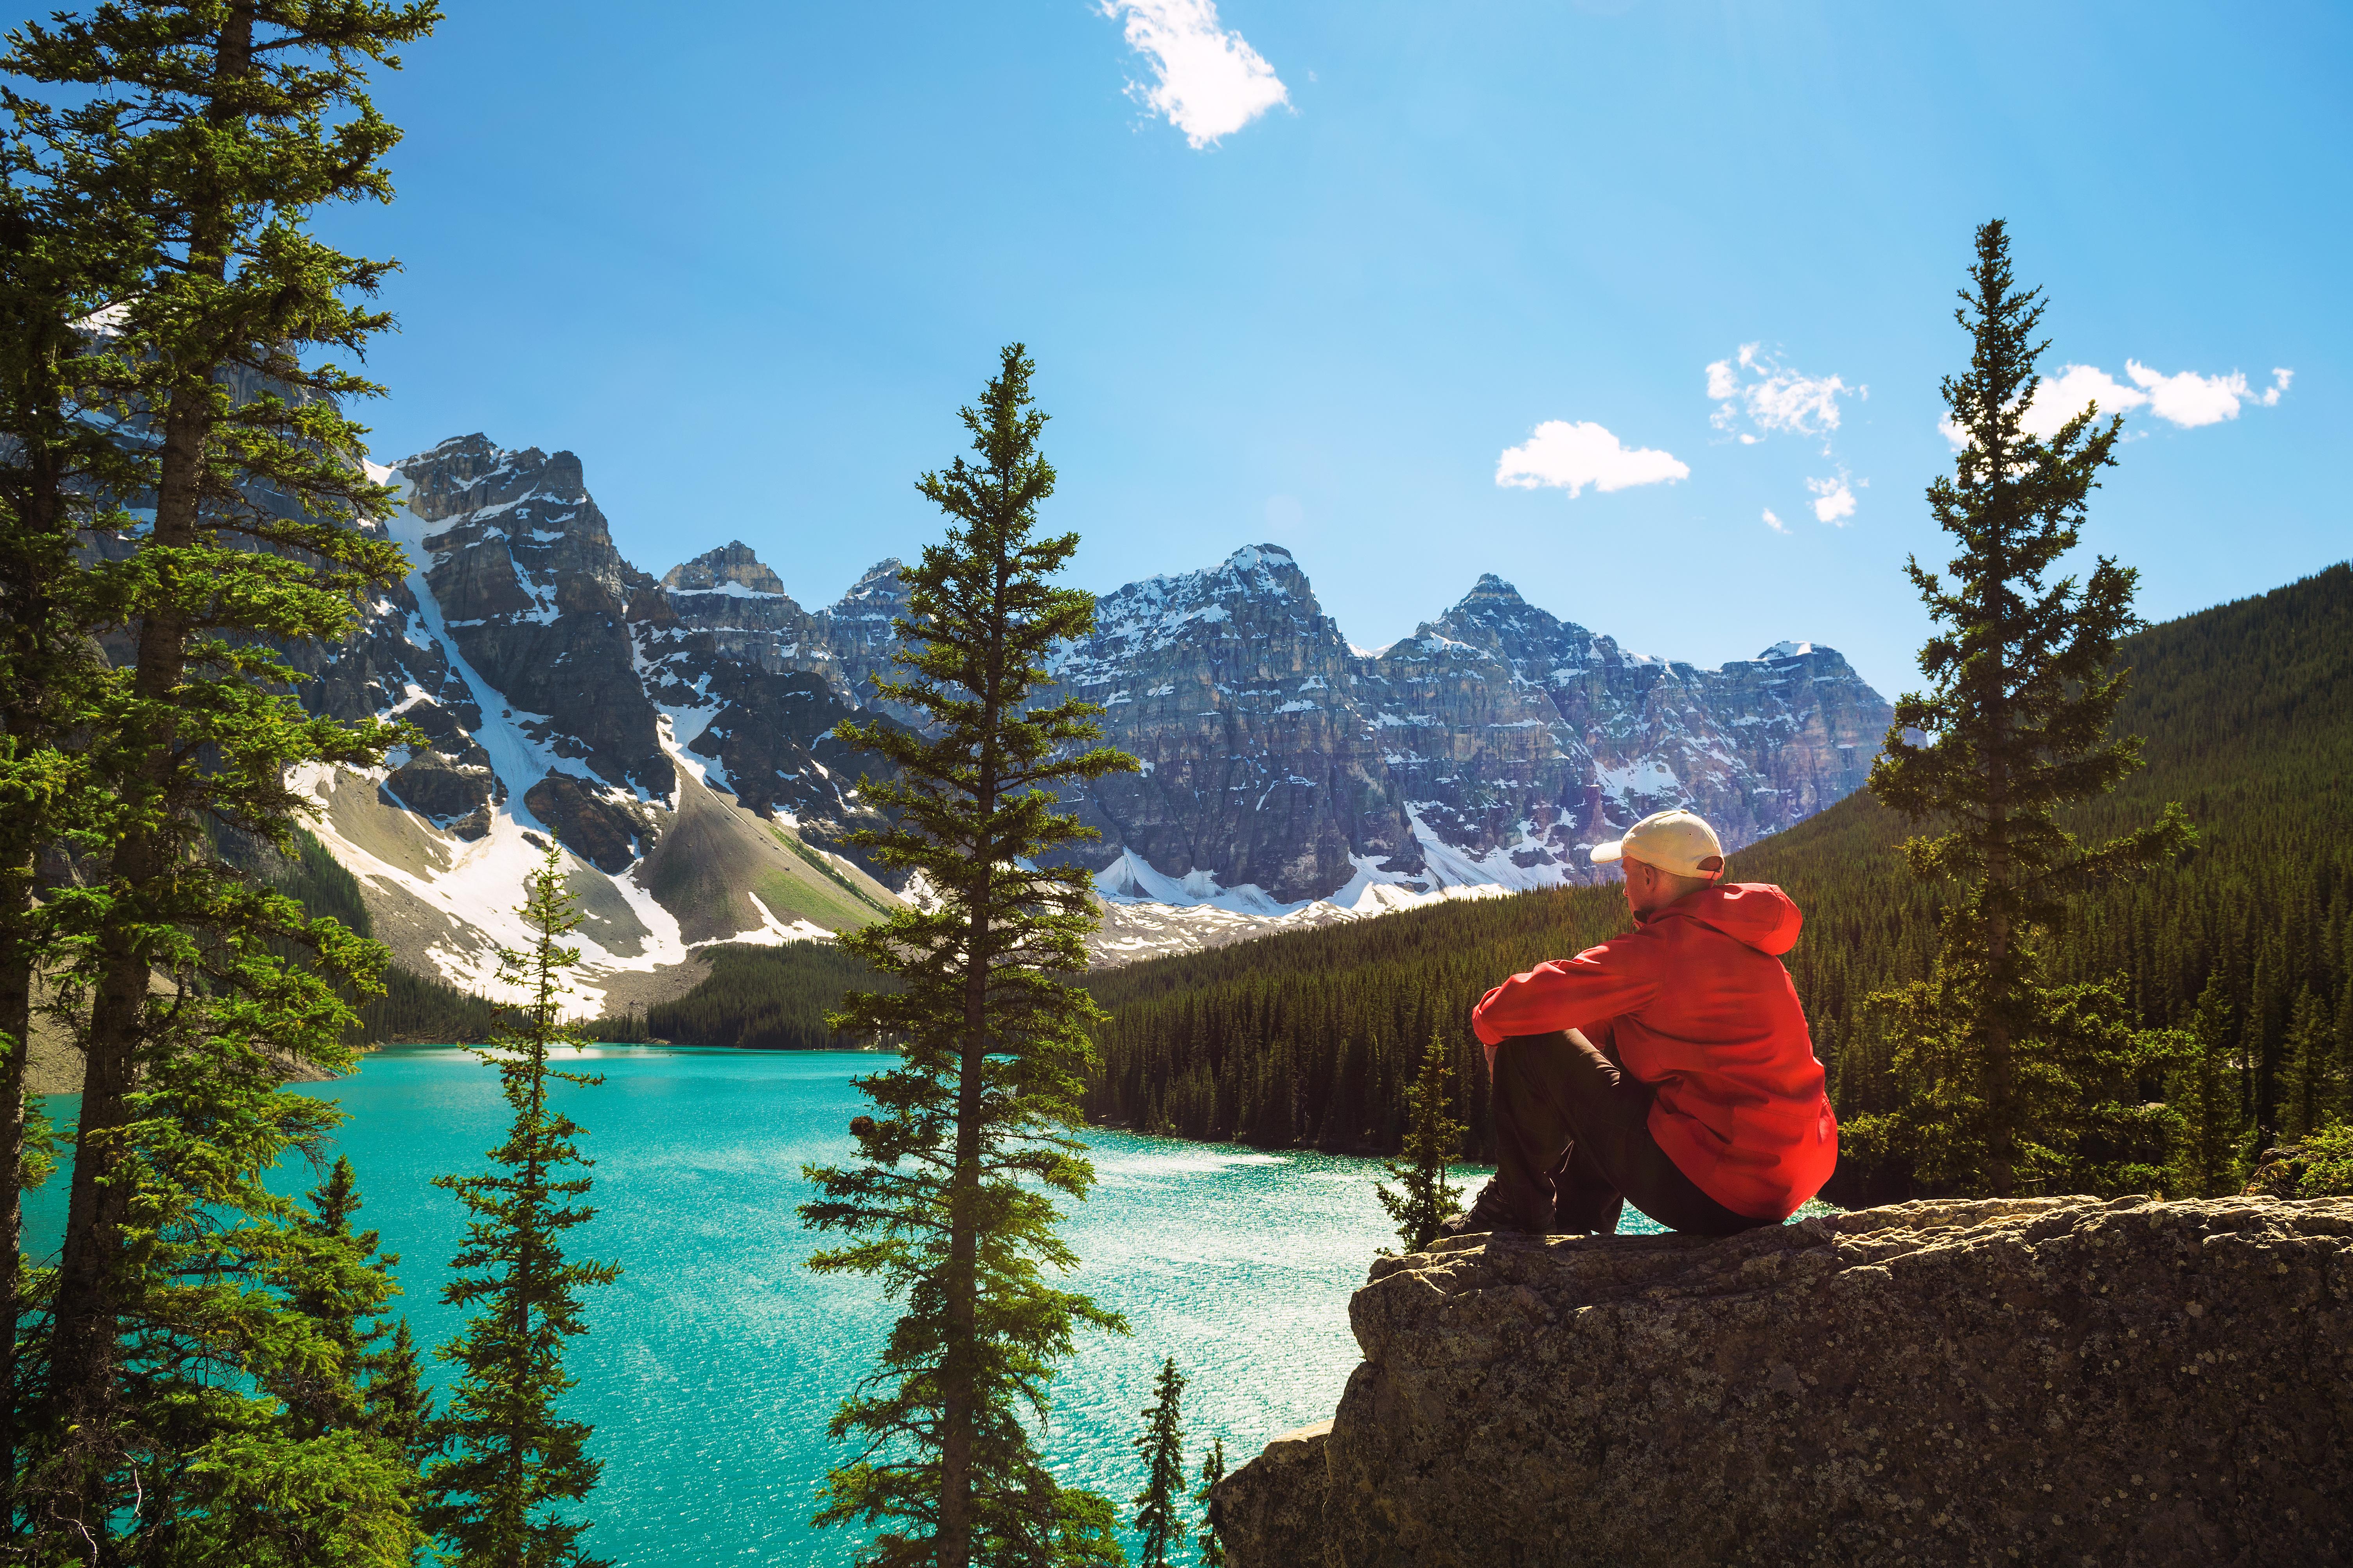 Mindfulness: In Mann in roter Jacke sitzt auf einem Stein und blickt auf den Morraine Lake